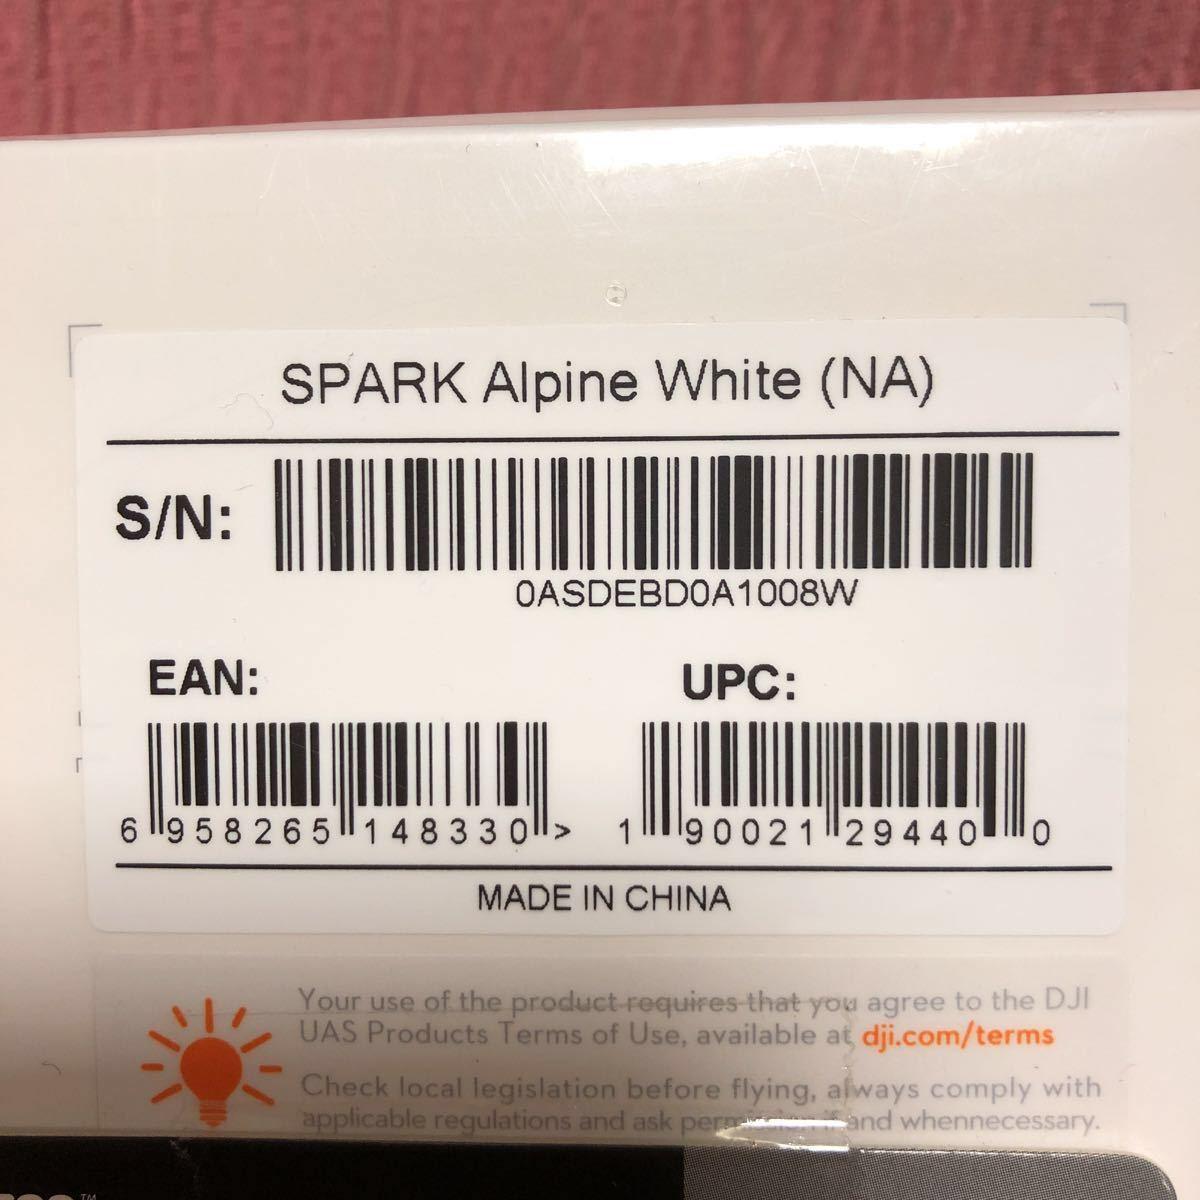 即決 送料無料 新品未開封 SPARK Alpine White (NA) マイクロsdカード16GB付き_画像5